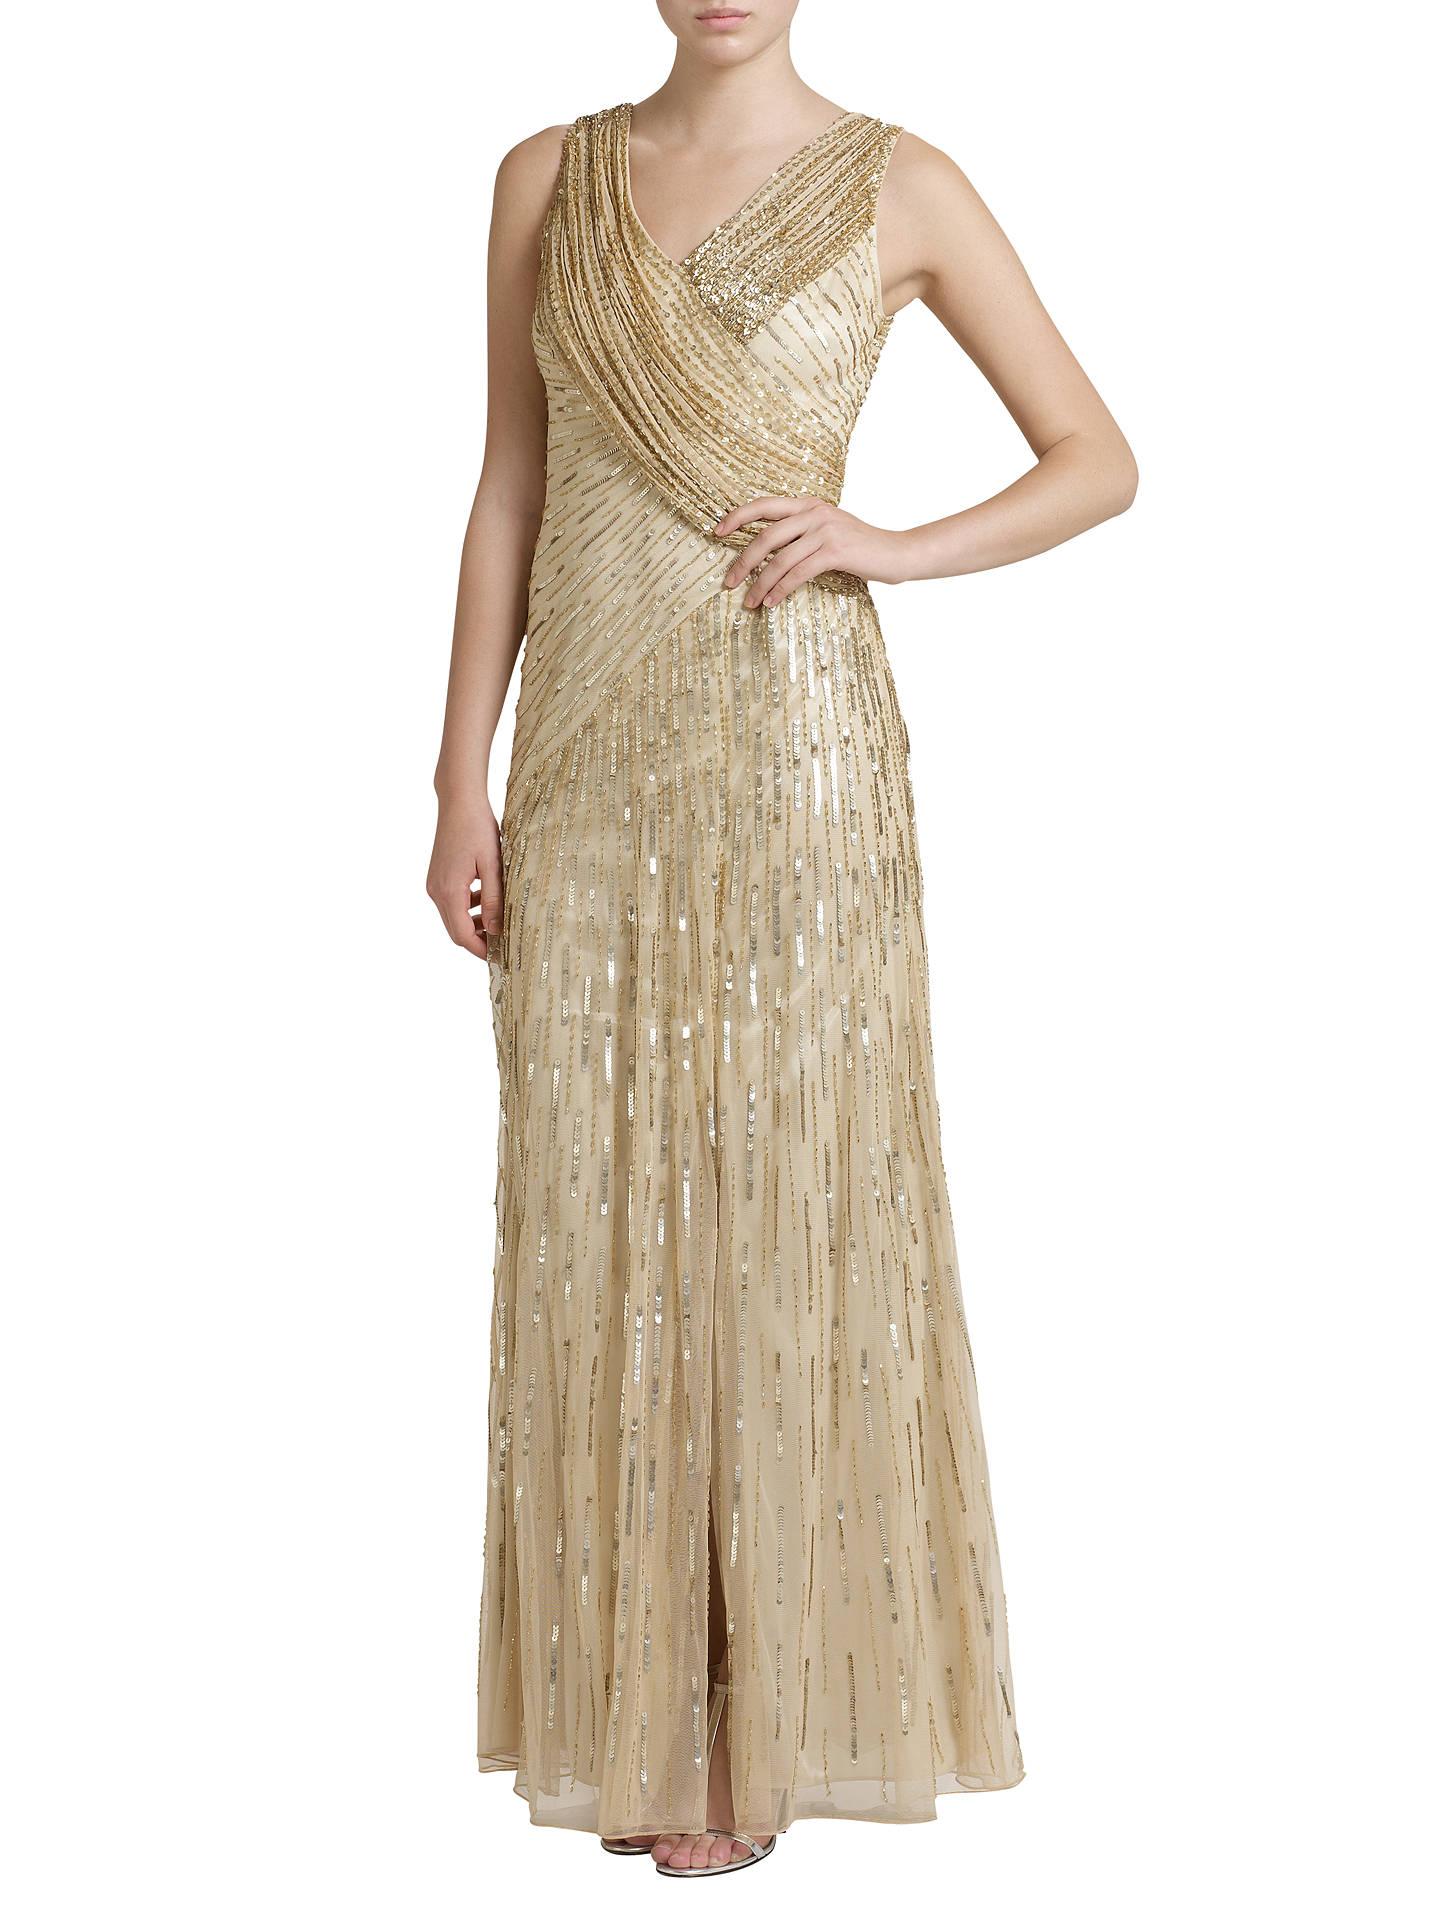 76930aaa ... Buy Ariella Juliet Sequin Long Dress, Gold, 8 Online at johnlewis.com  ...